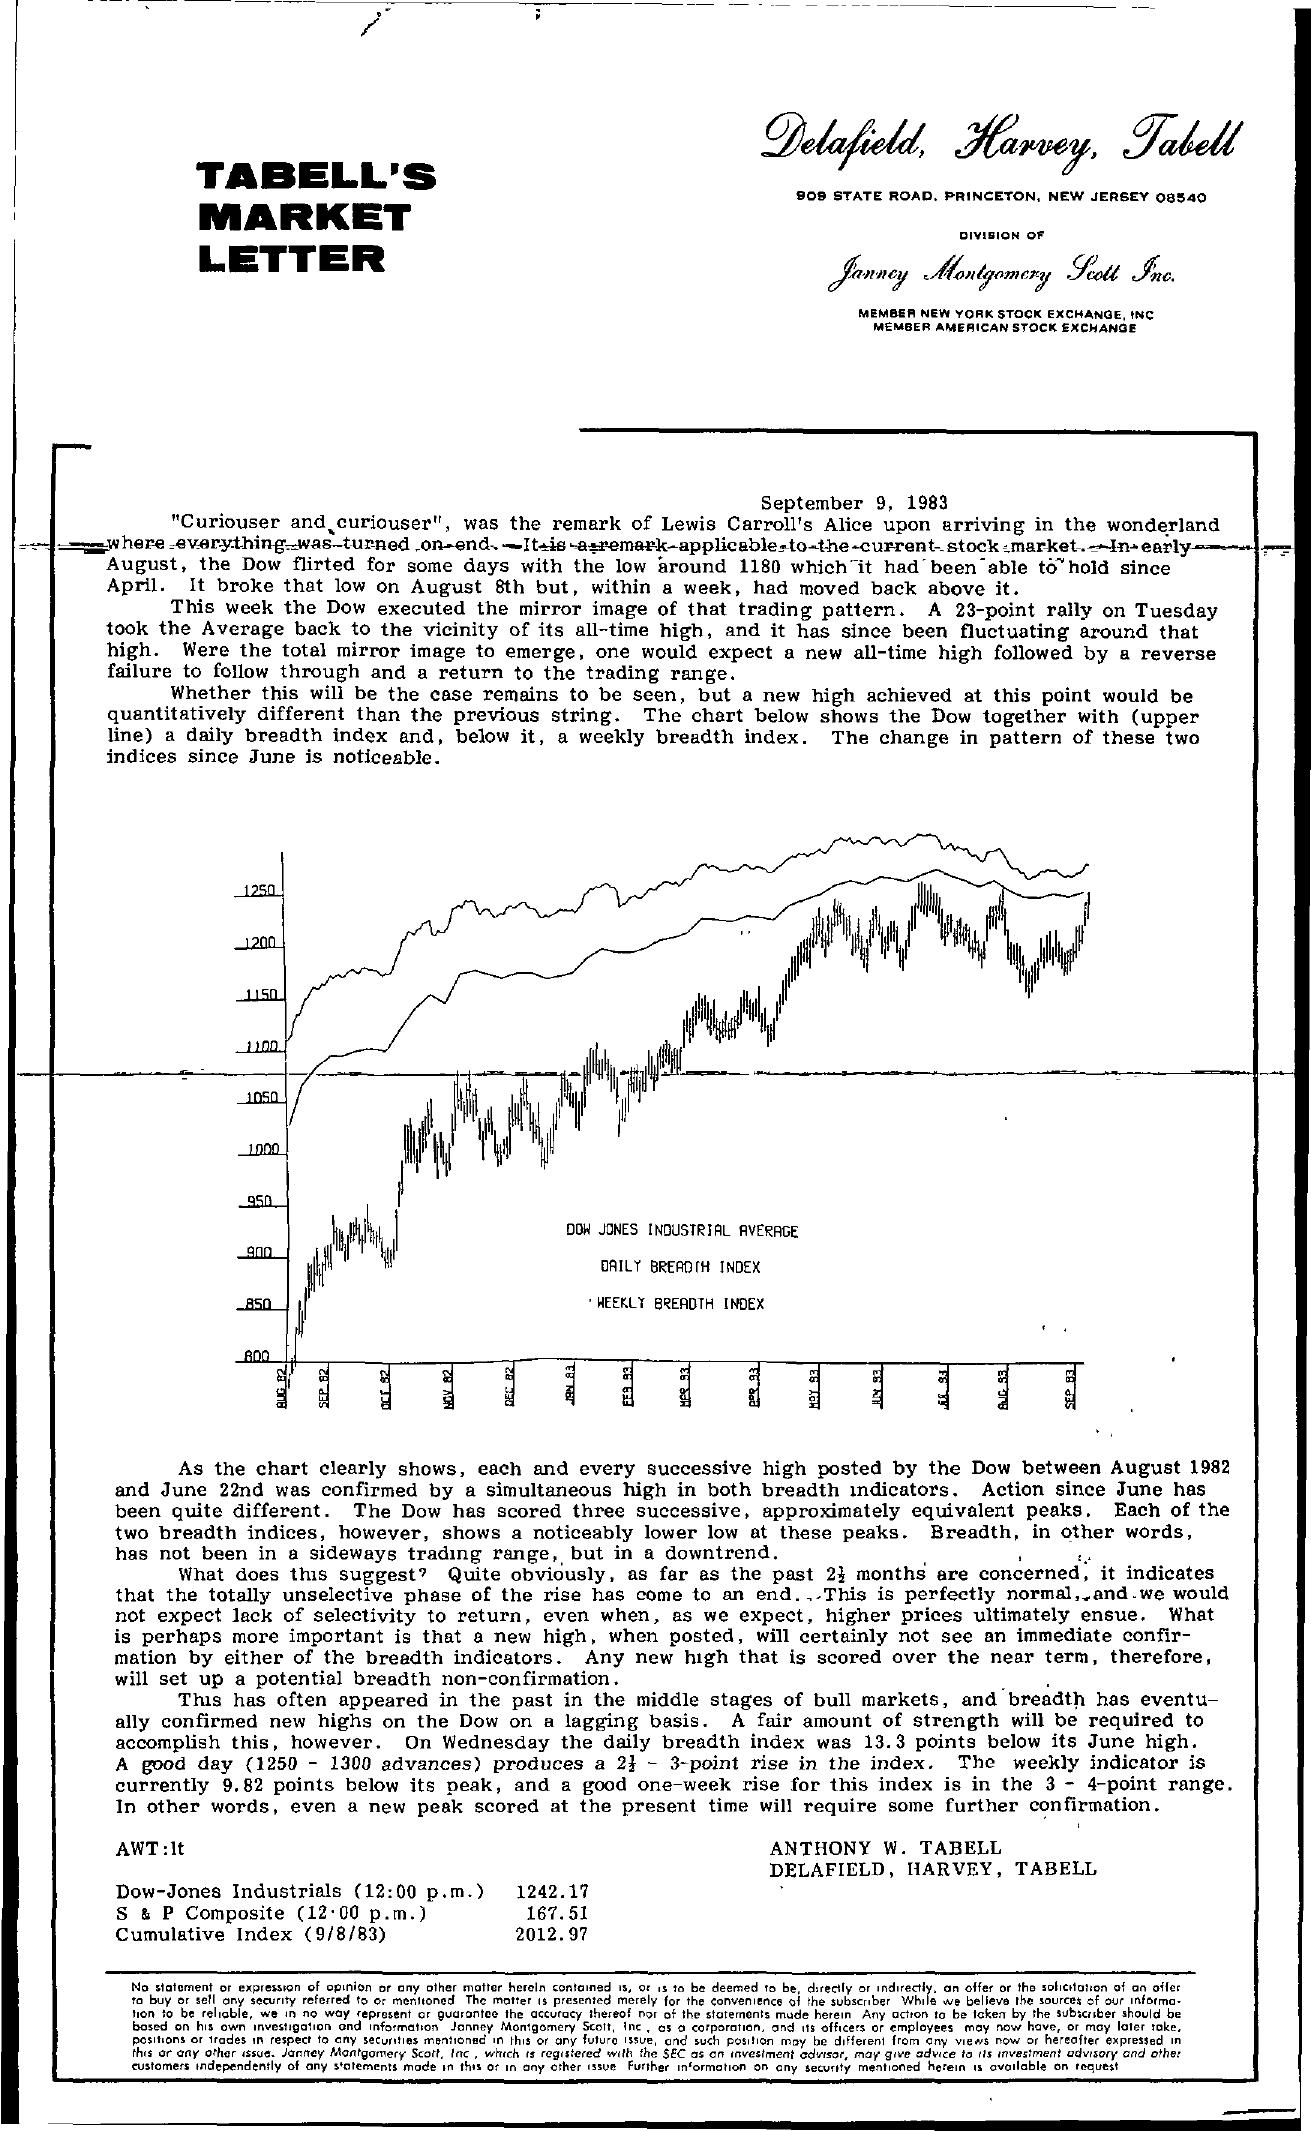 Tabell's Market Letter - September 09, 1983